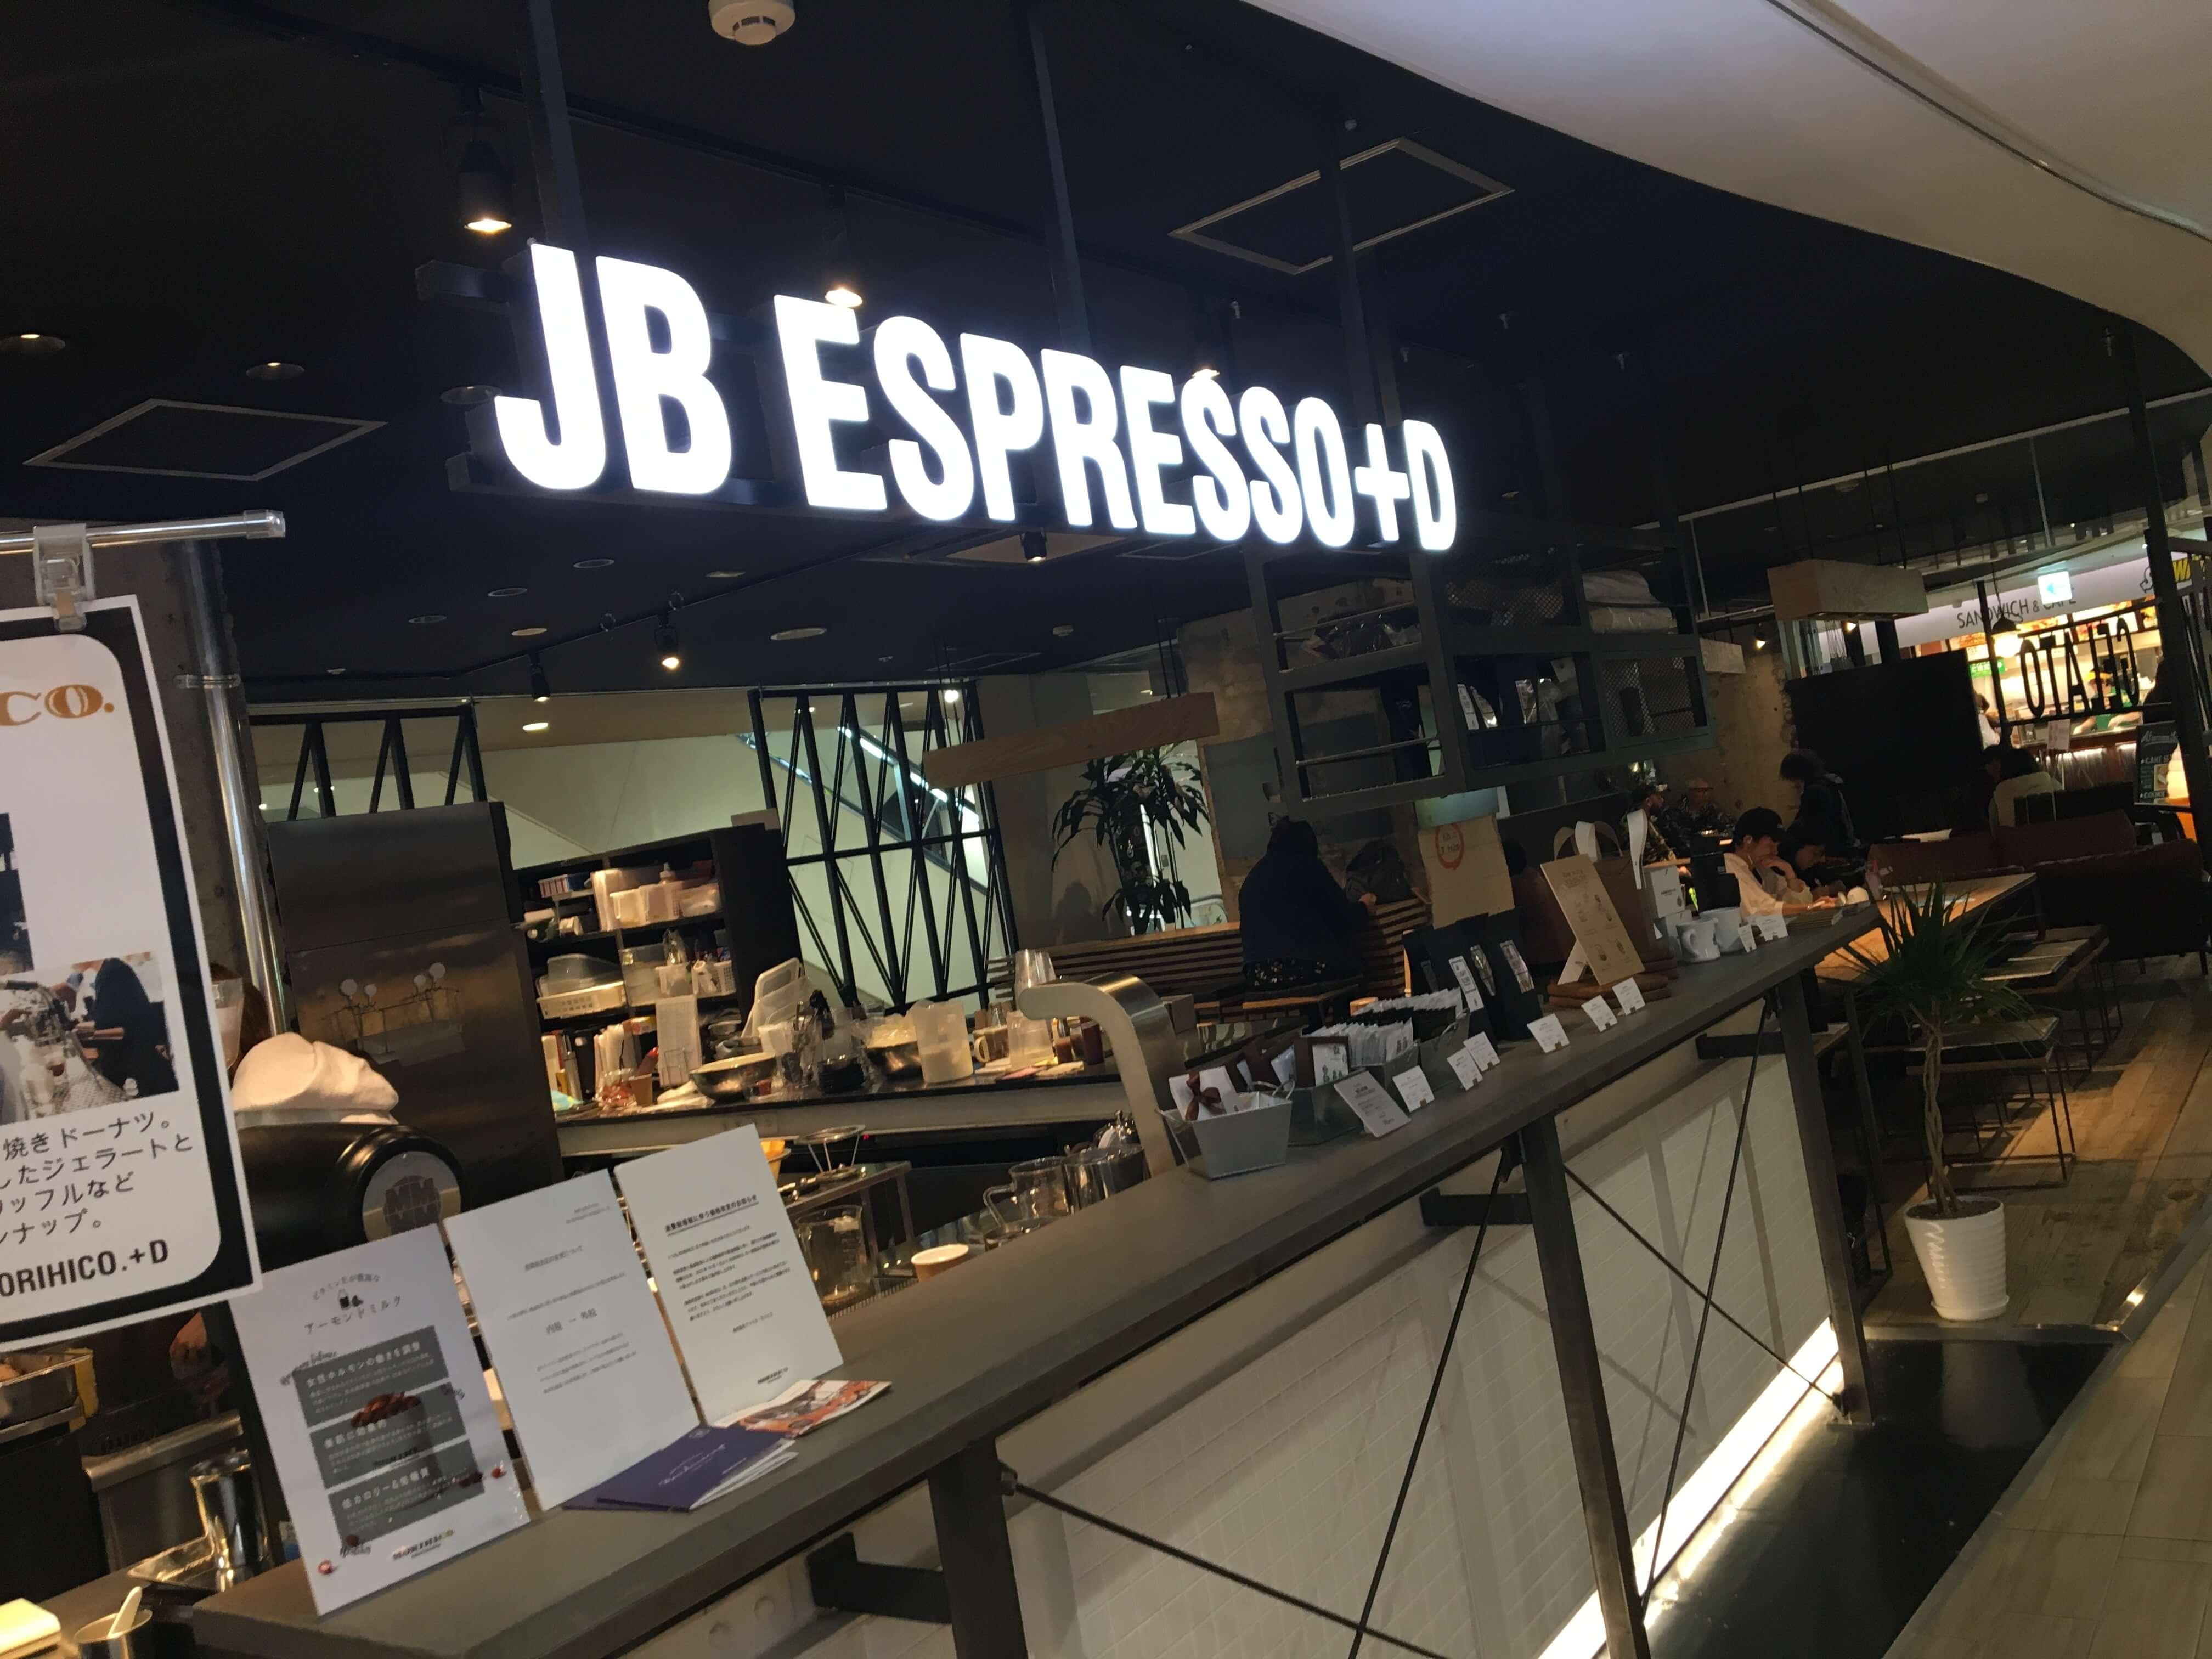 JB ESPRESSO MORIHICO.+D(ジェイビー エスプレッソ モリヒコ プラスディー)の外観